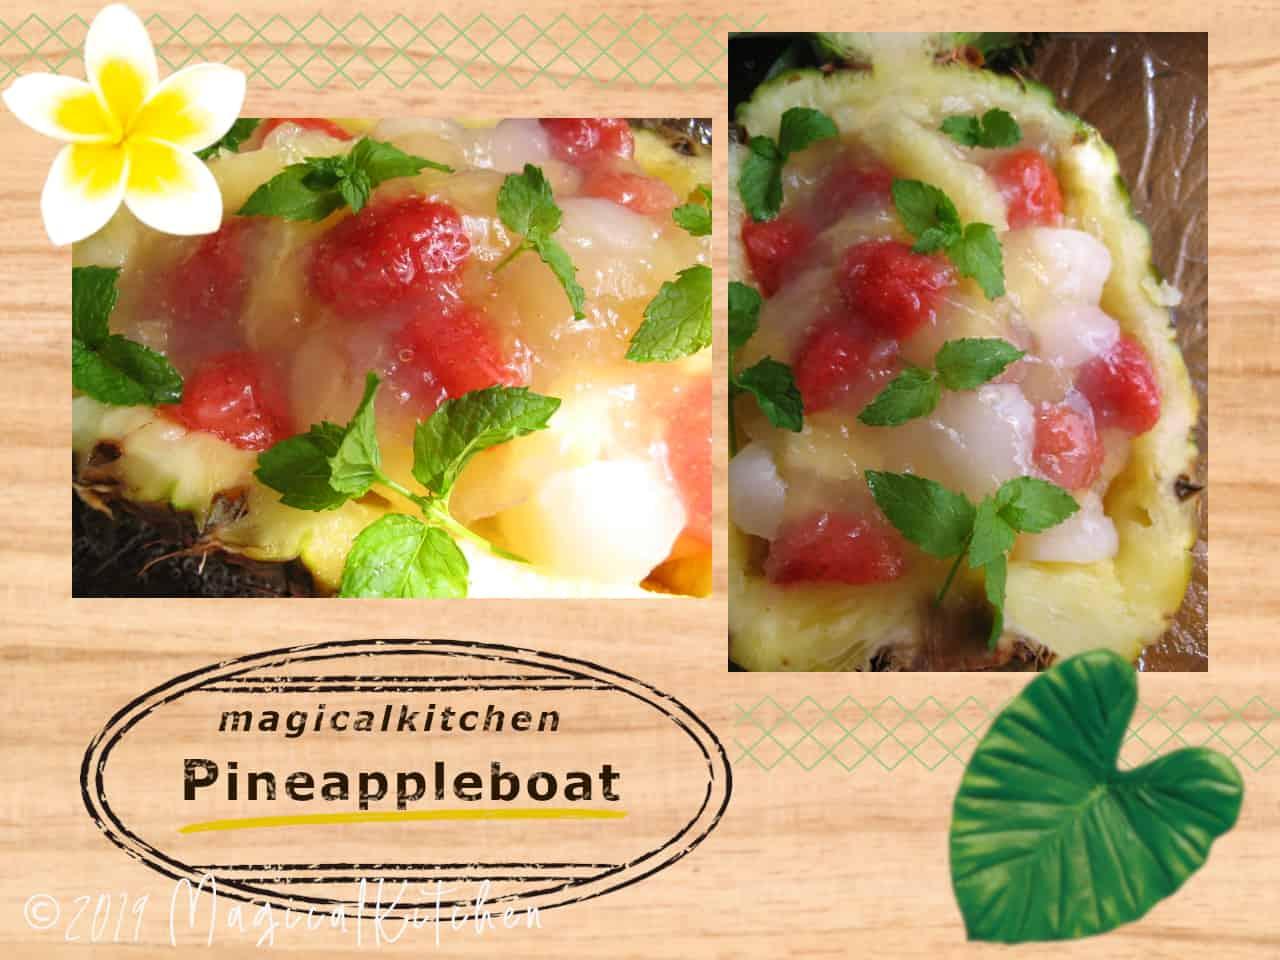 パイナップルボート